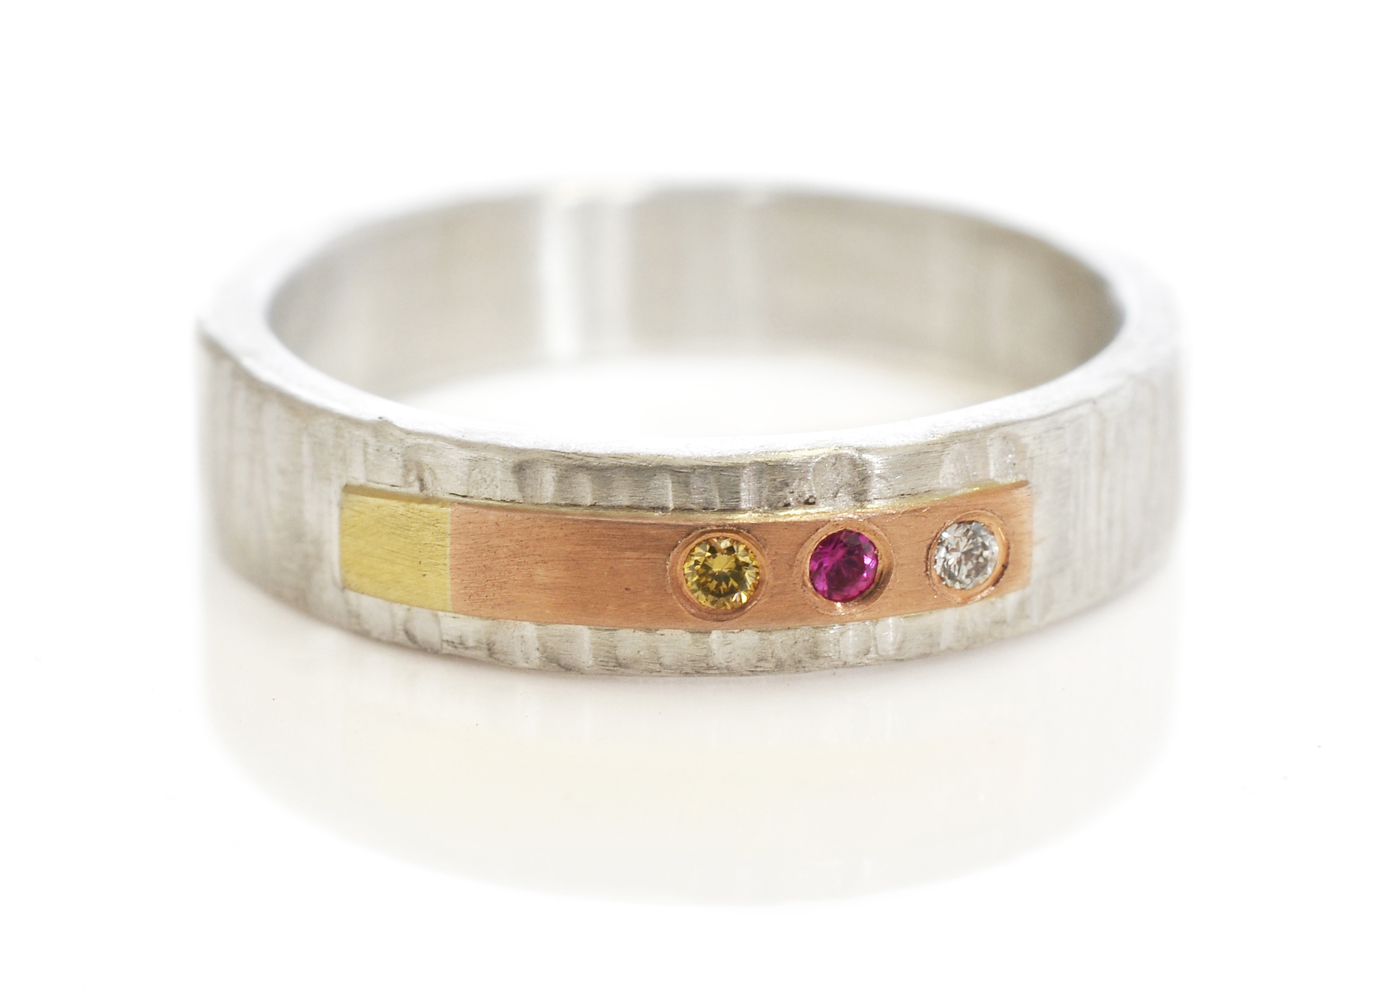 Facere-custom-rivet-ring-linearHammered-sterlingsilver-14kredrosepinkGold-18ky-coloredDiamonds2.jpg